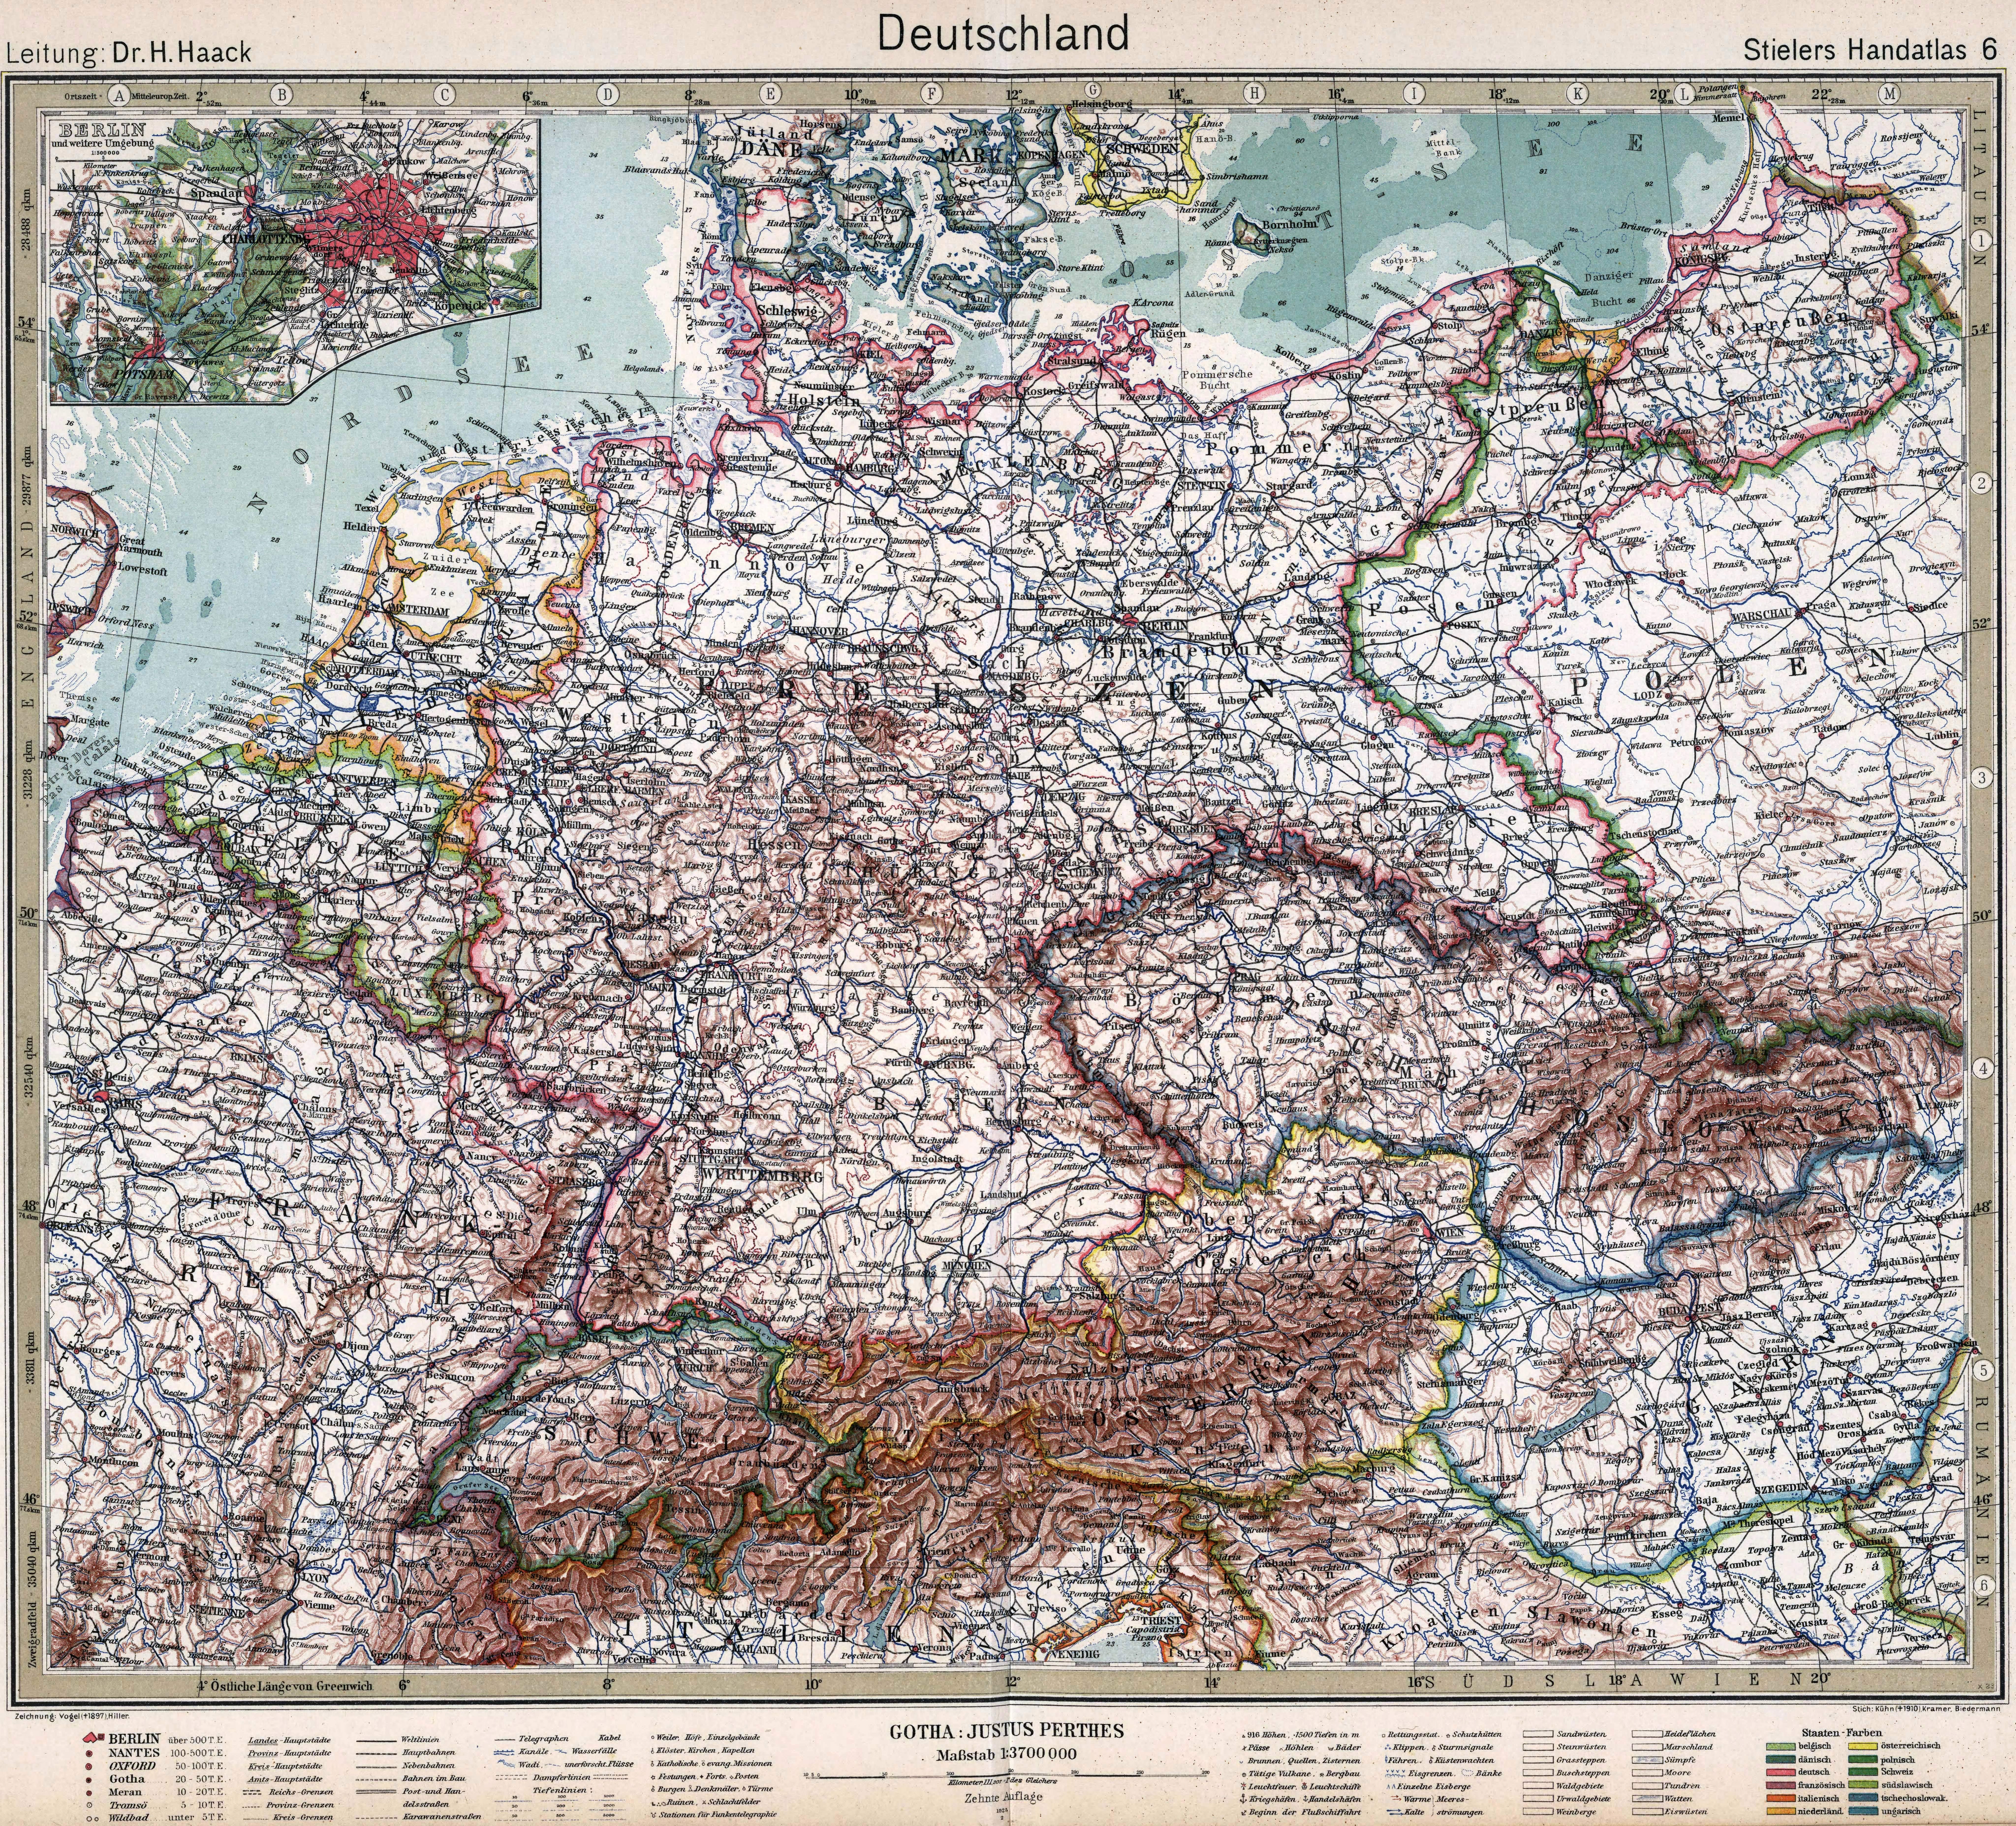 Map Of Germany 1919.File Stielers Handatlas 1925 Map 6 Germany 1919 1937